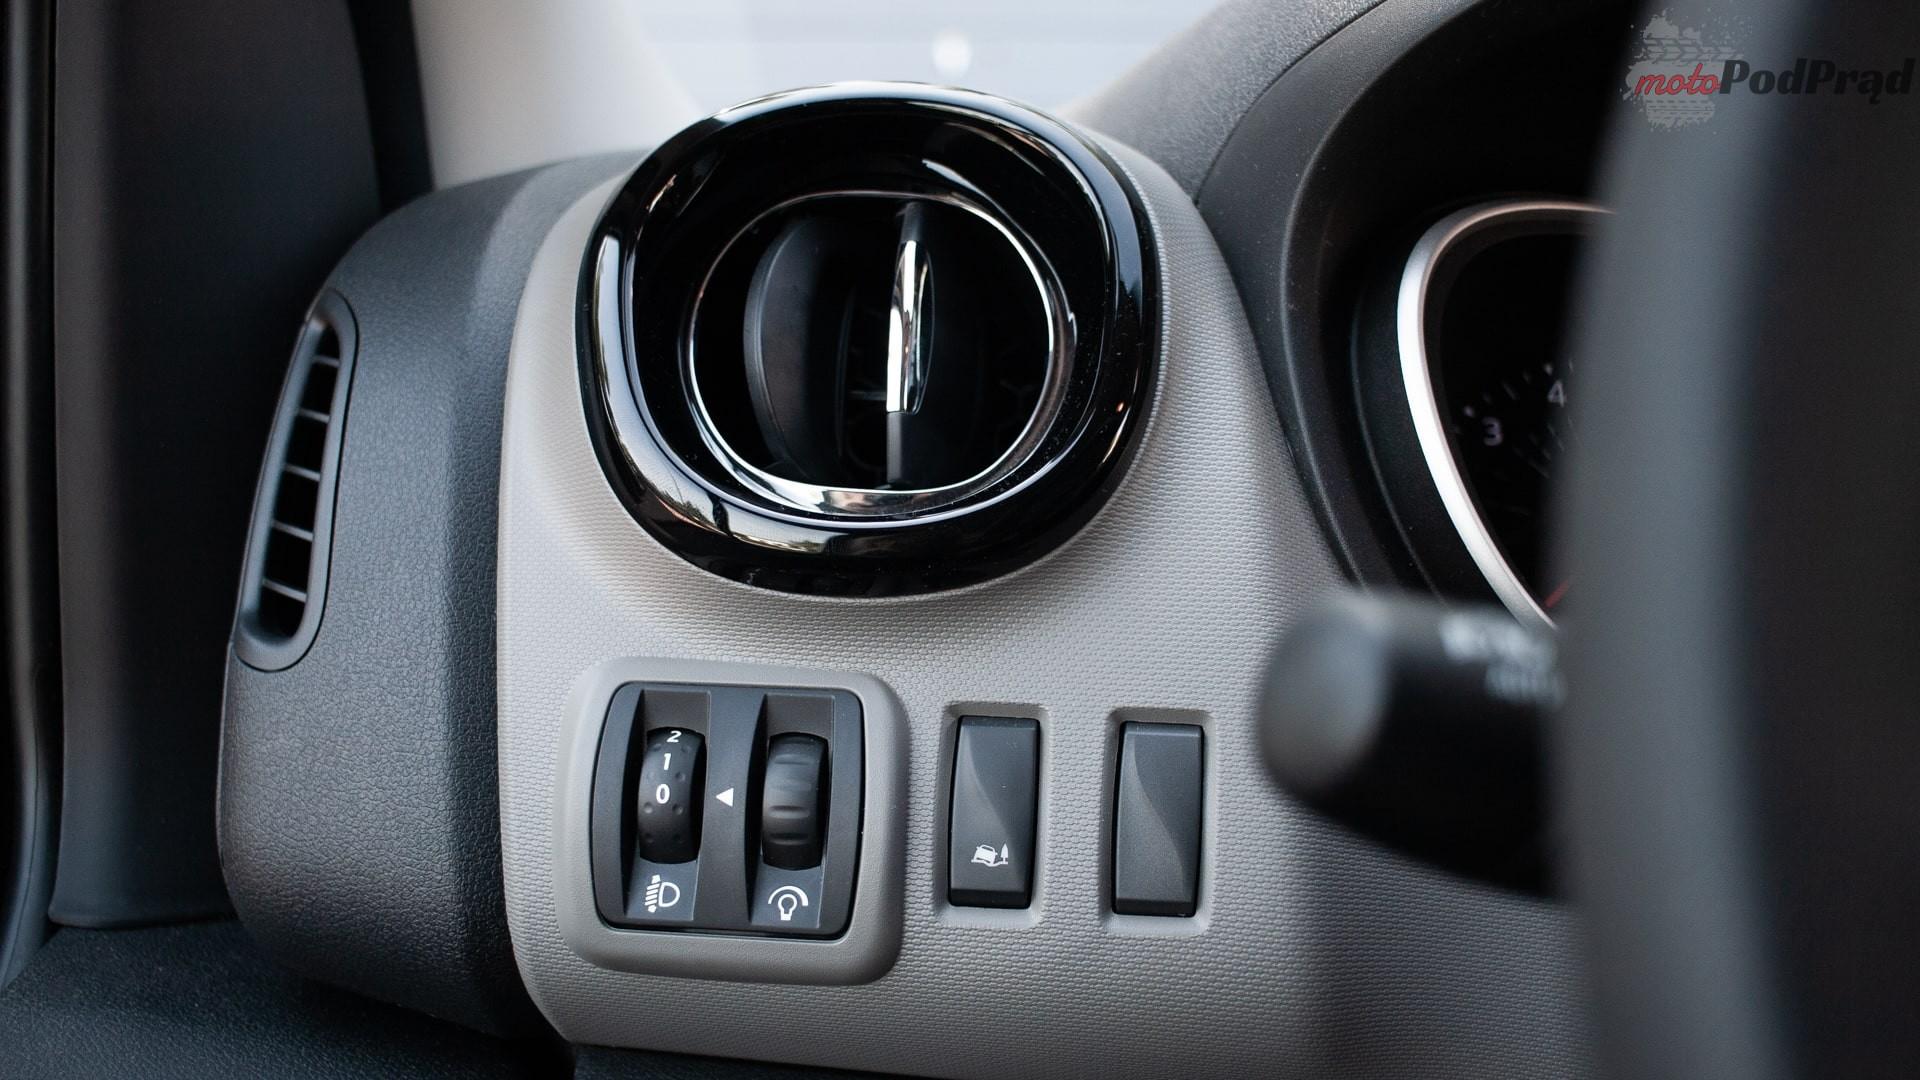 renault trafic 9 Test: Renault Trafic furgon z zabudową Renault Tech – mobilny serwis